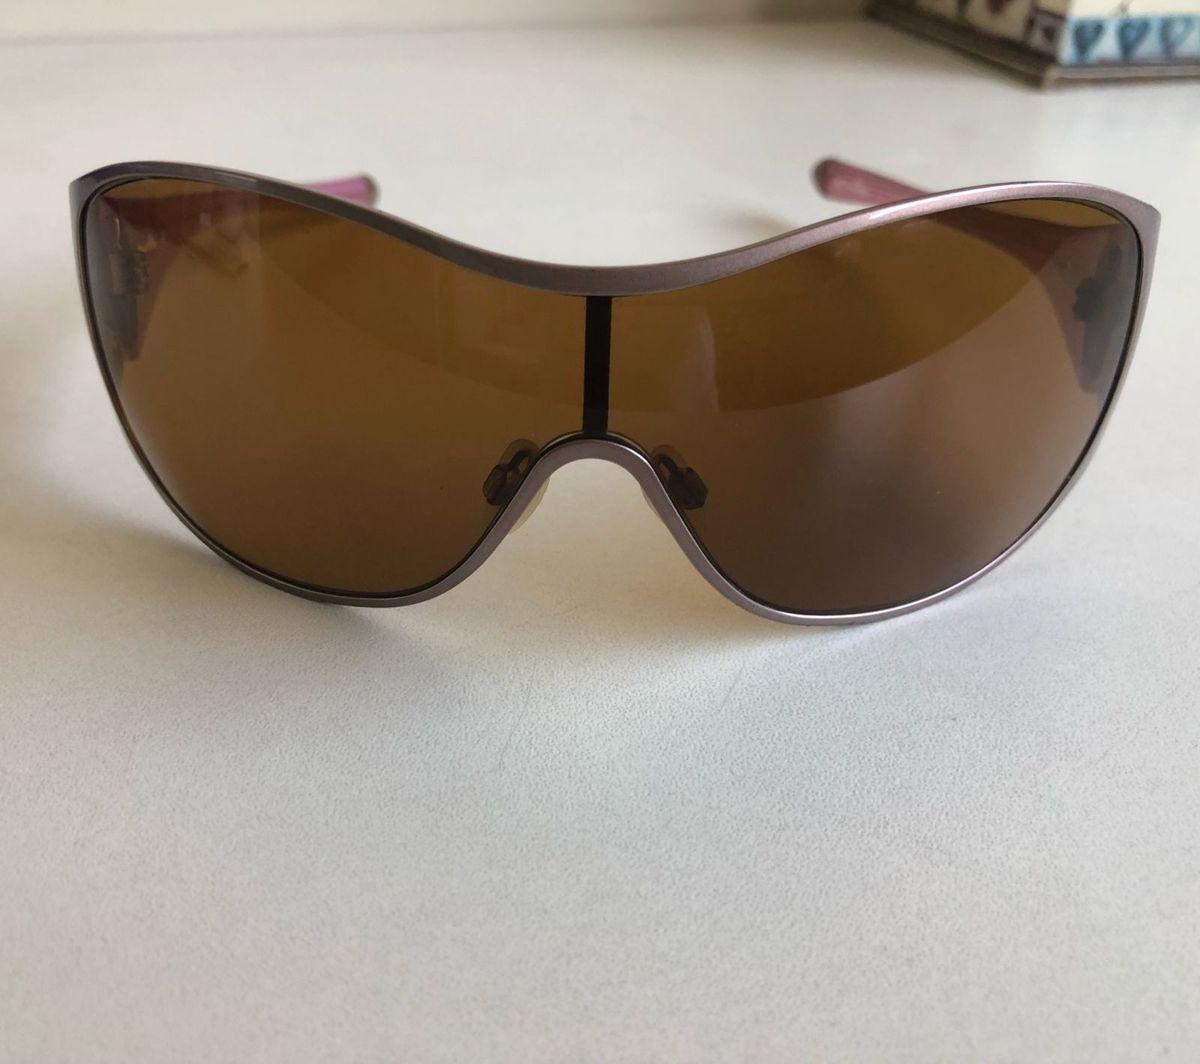 22c8aef19 óculos de sol oakley original - óculos oakley.  Czm6ly9wag90b3muzw5qb2vplmnvbs5ici9wcm9kdwn0cy85ntaxnzaylzbmzdhmzdiymmqznza4zdm3yzlin2u2ntzmnjhhm2m4lmpwzw  ...